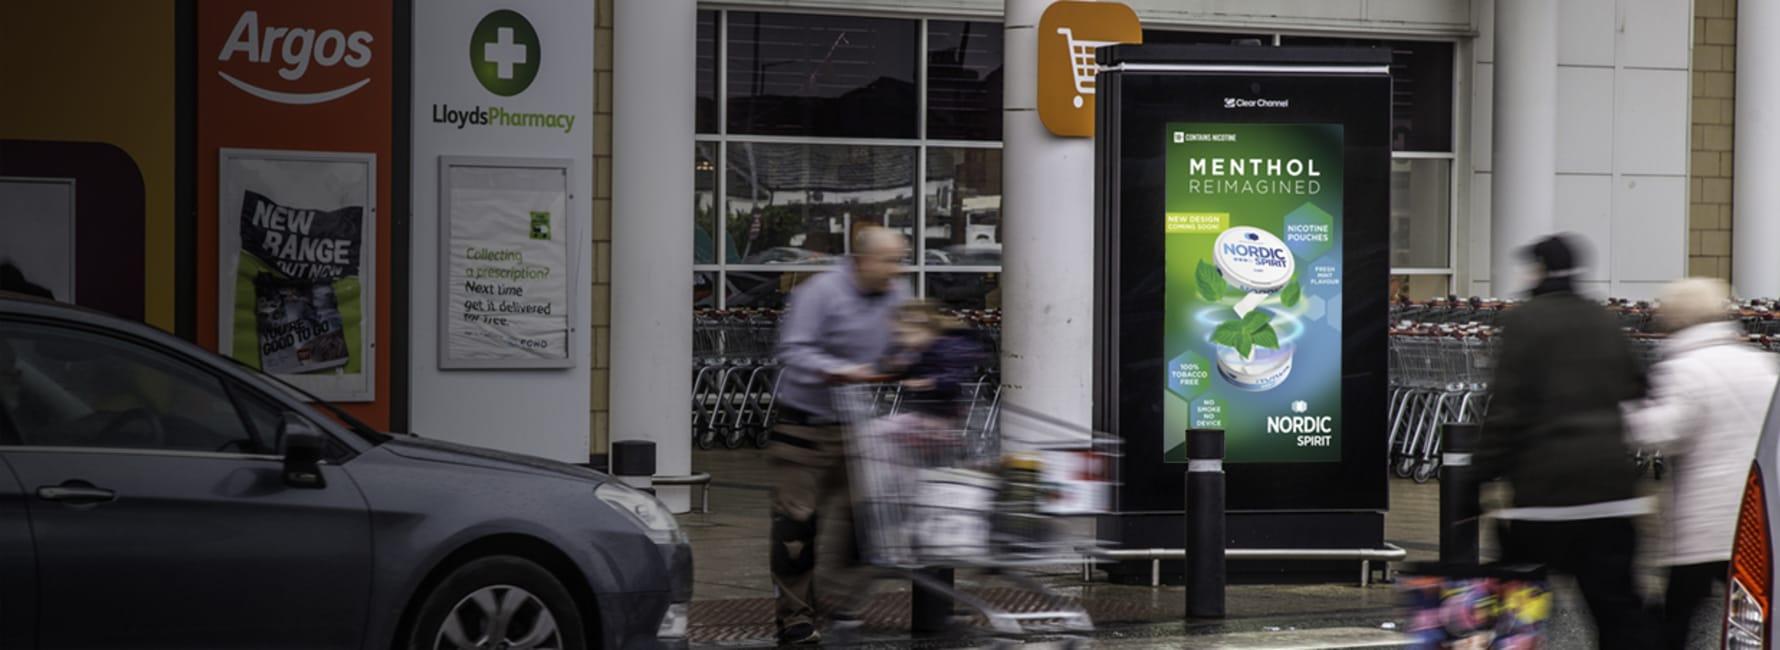 Sainsbury's Live Screen in Peterborough